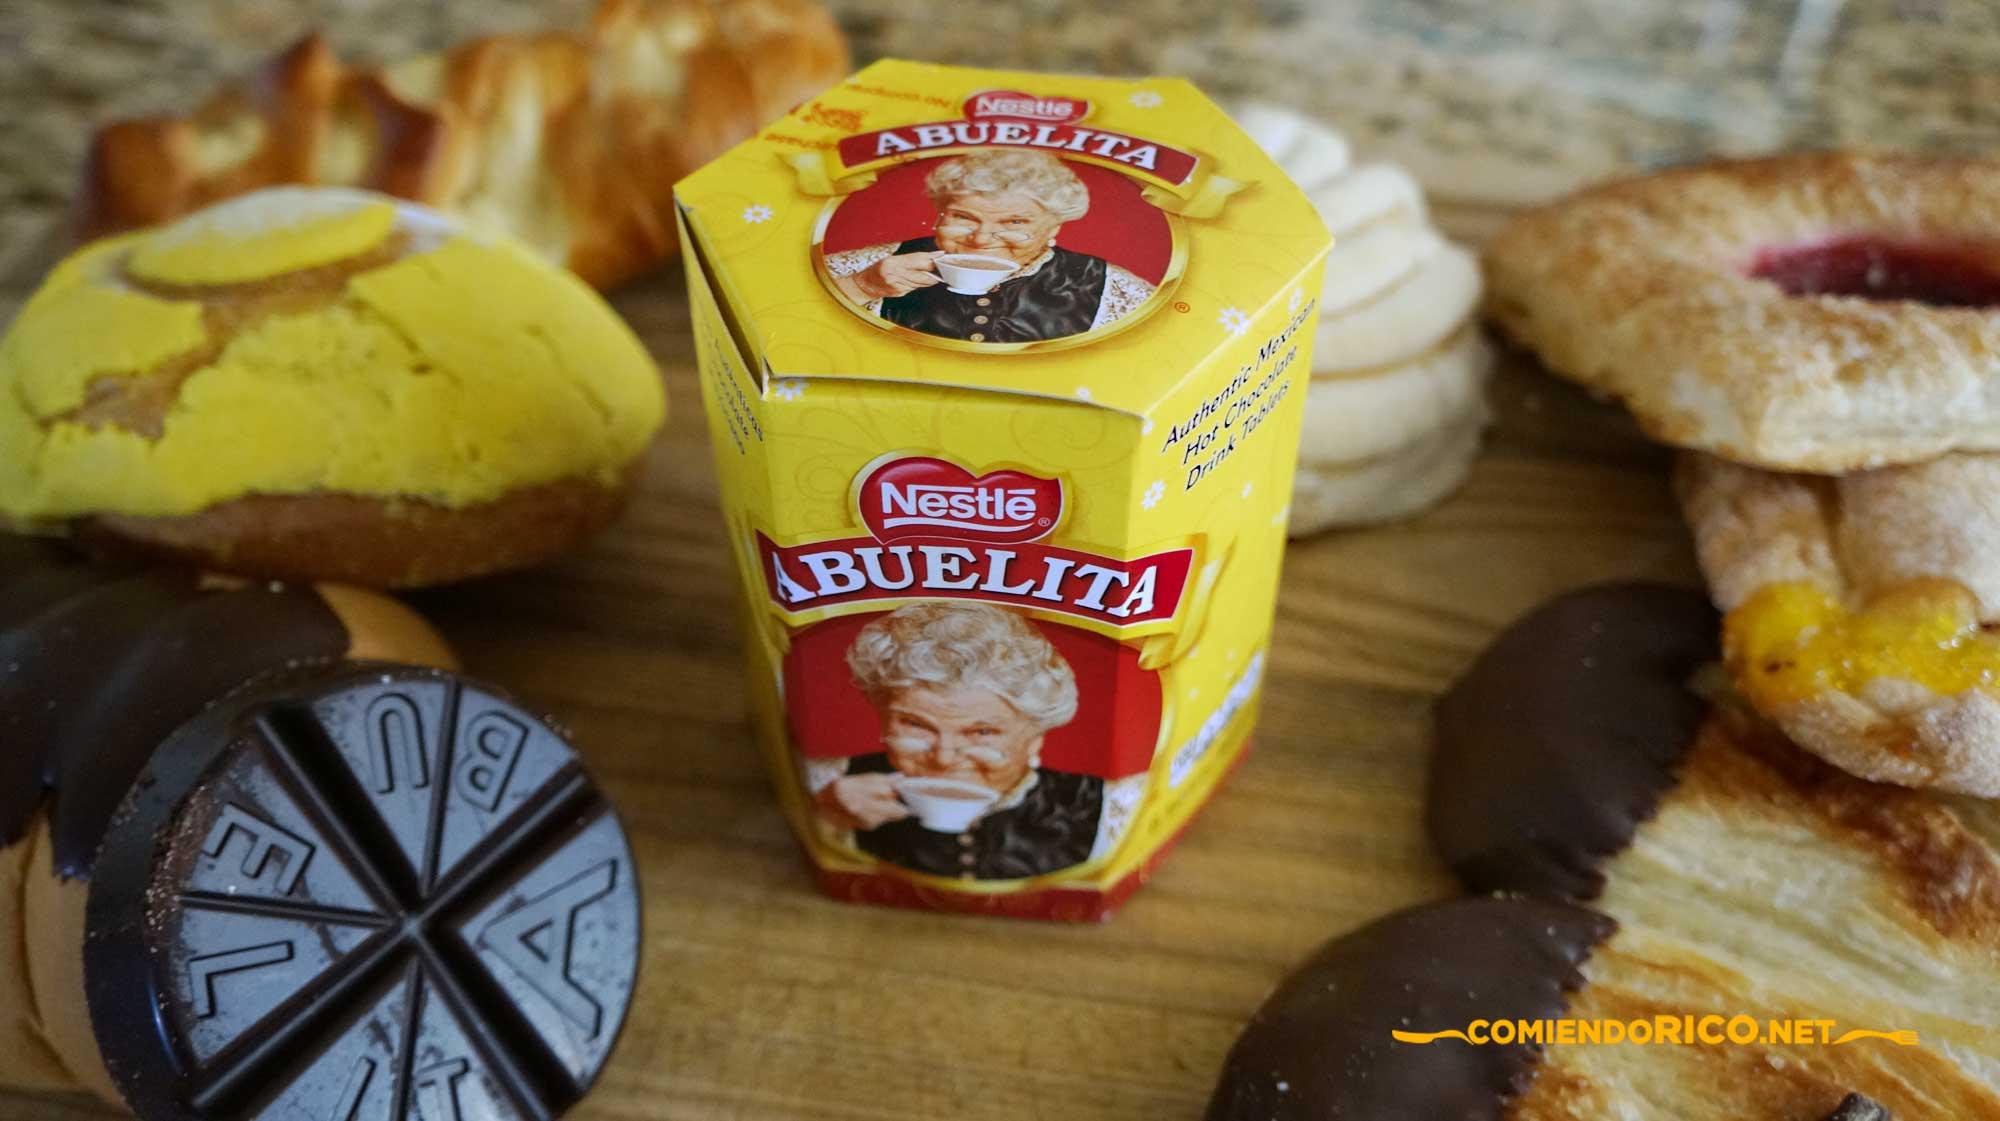 Chocolate Abulita, Comiendo Rico, Nestle